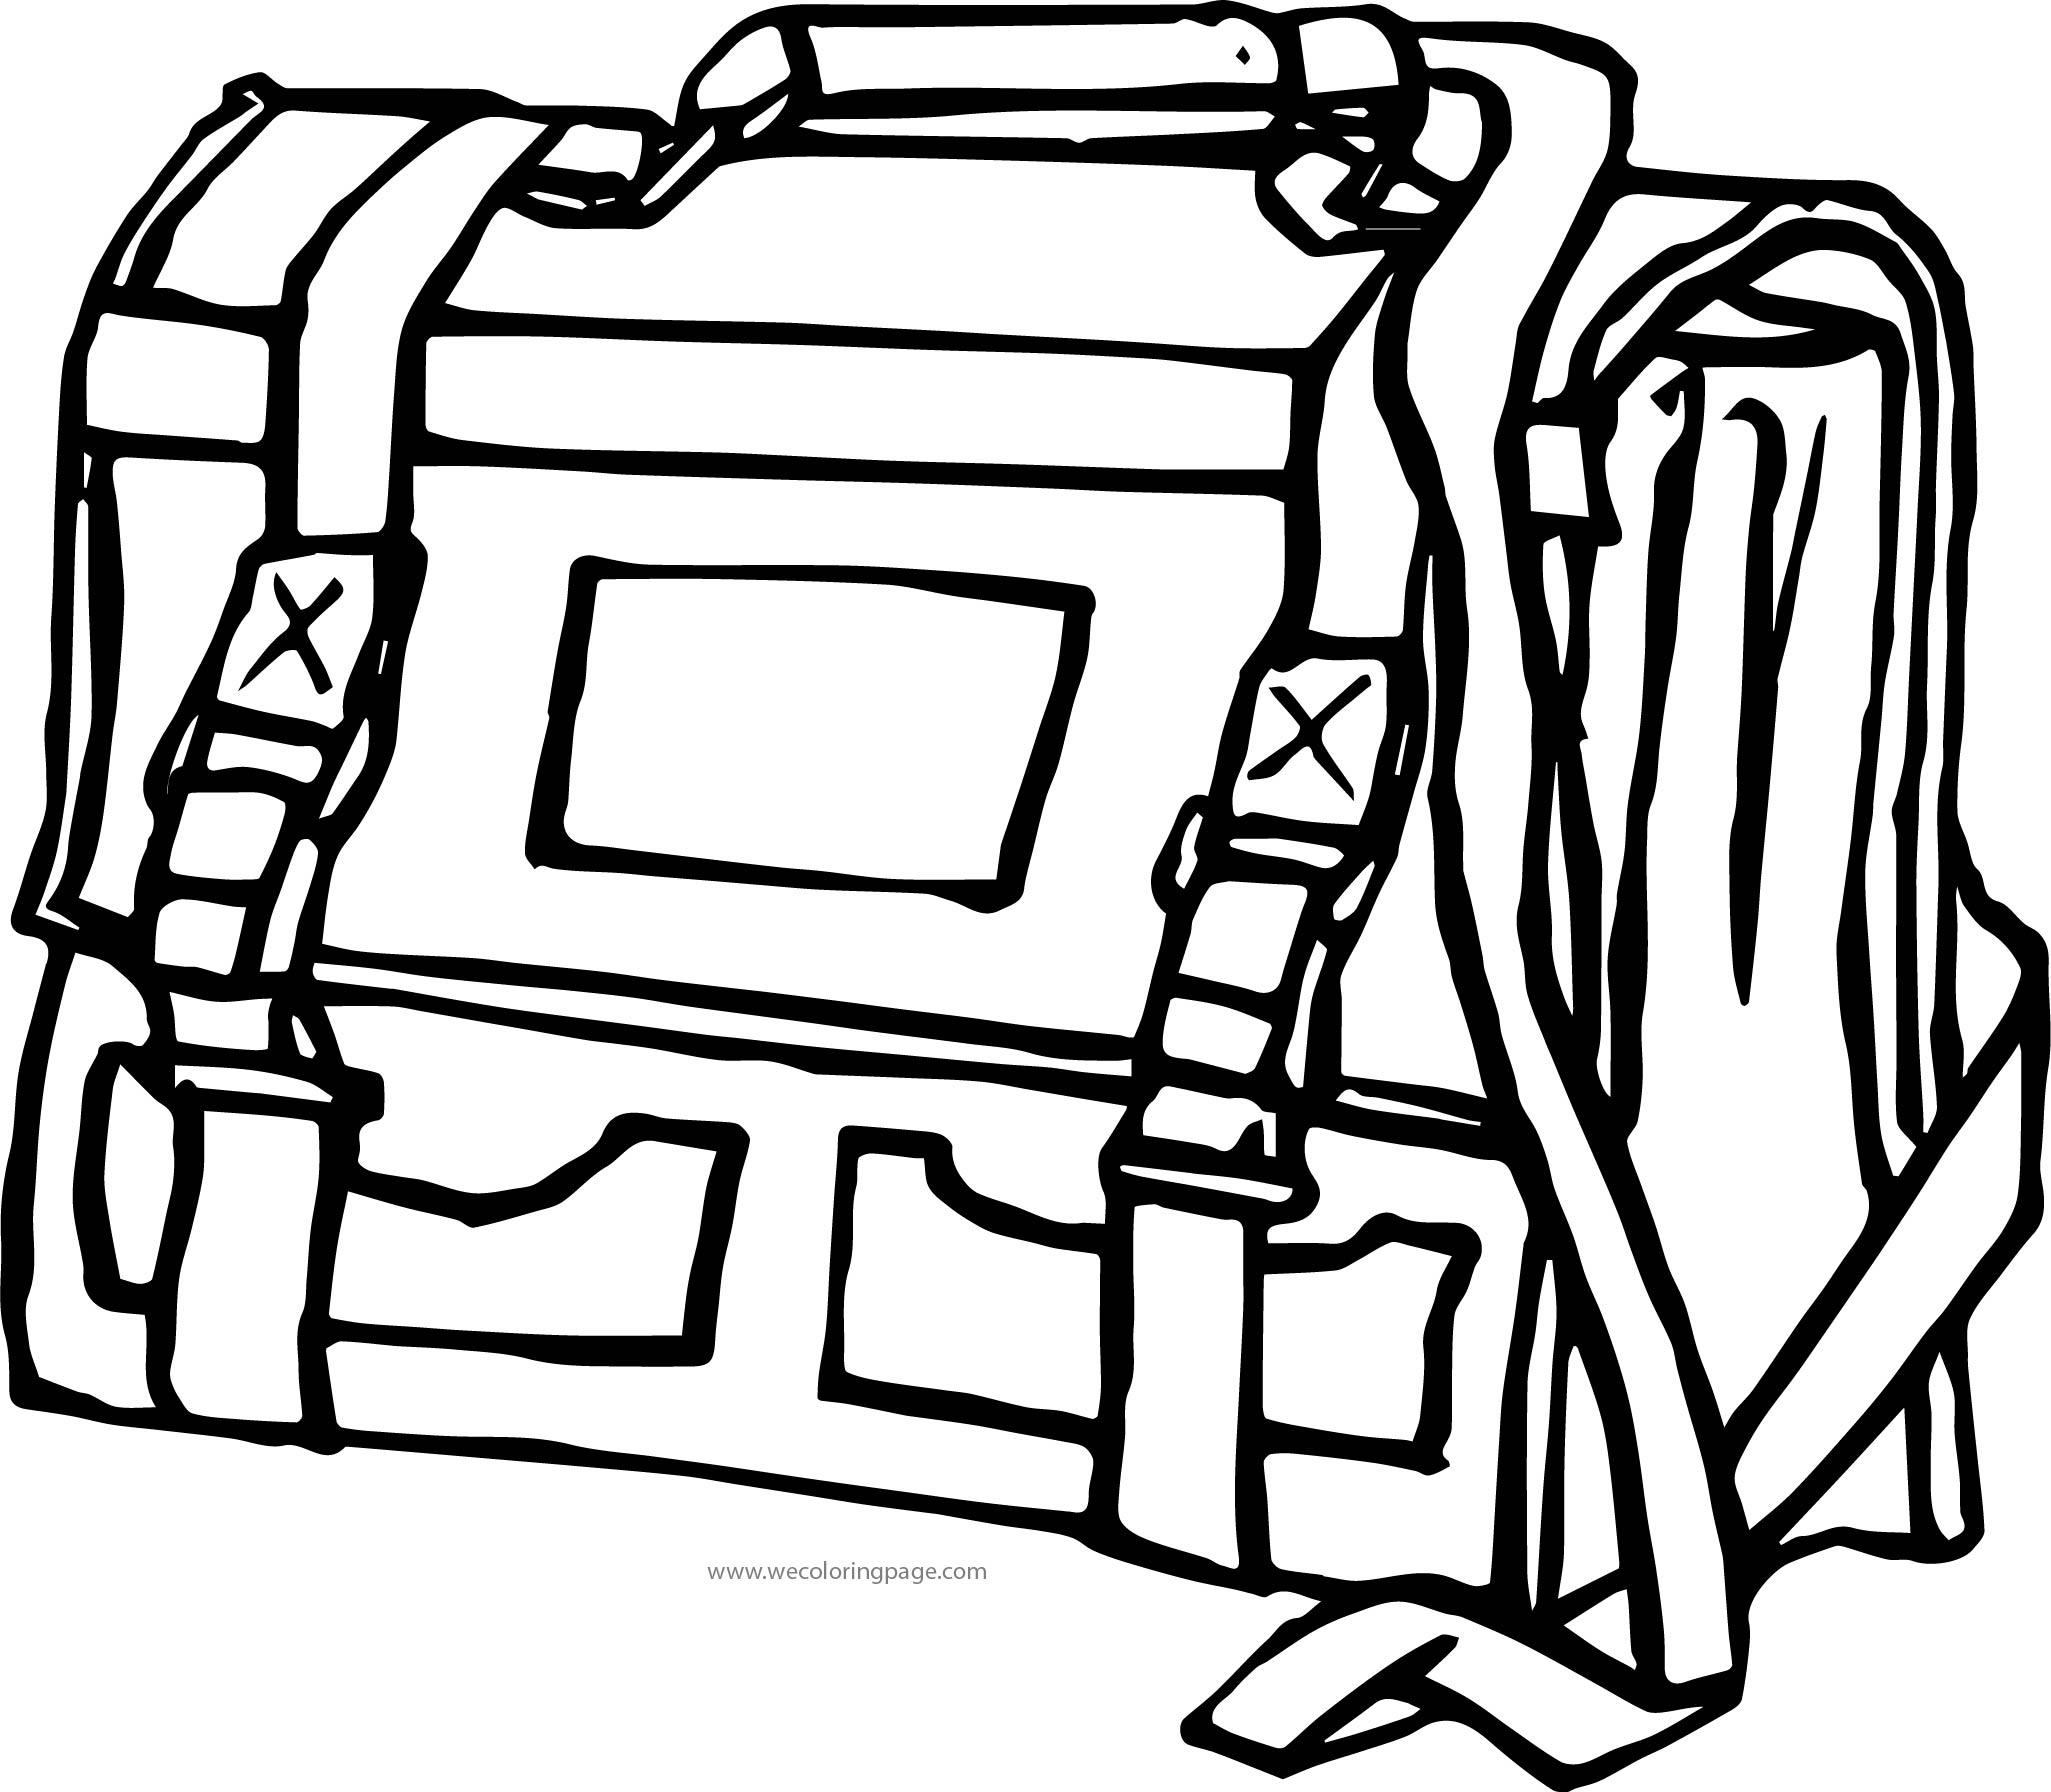 School Bag Coloring Page 10